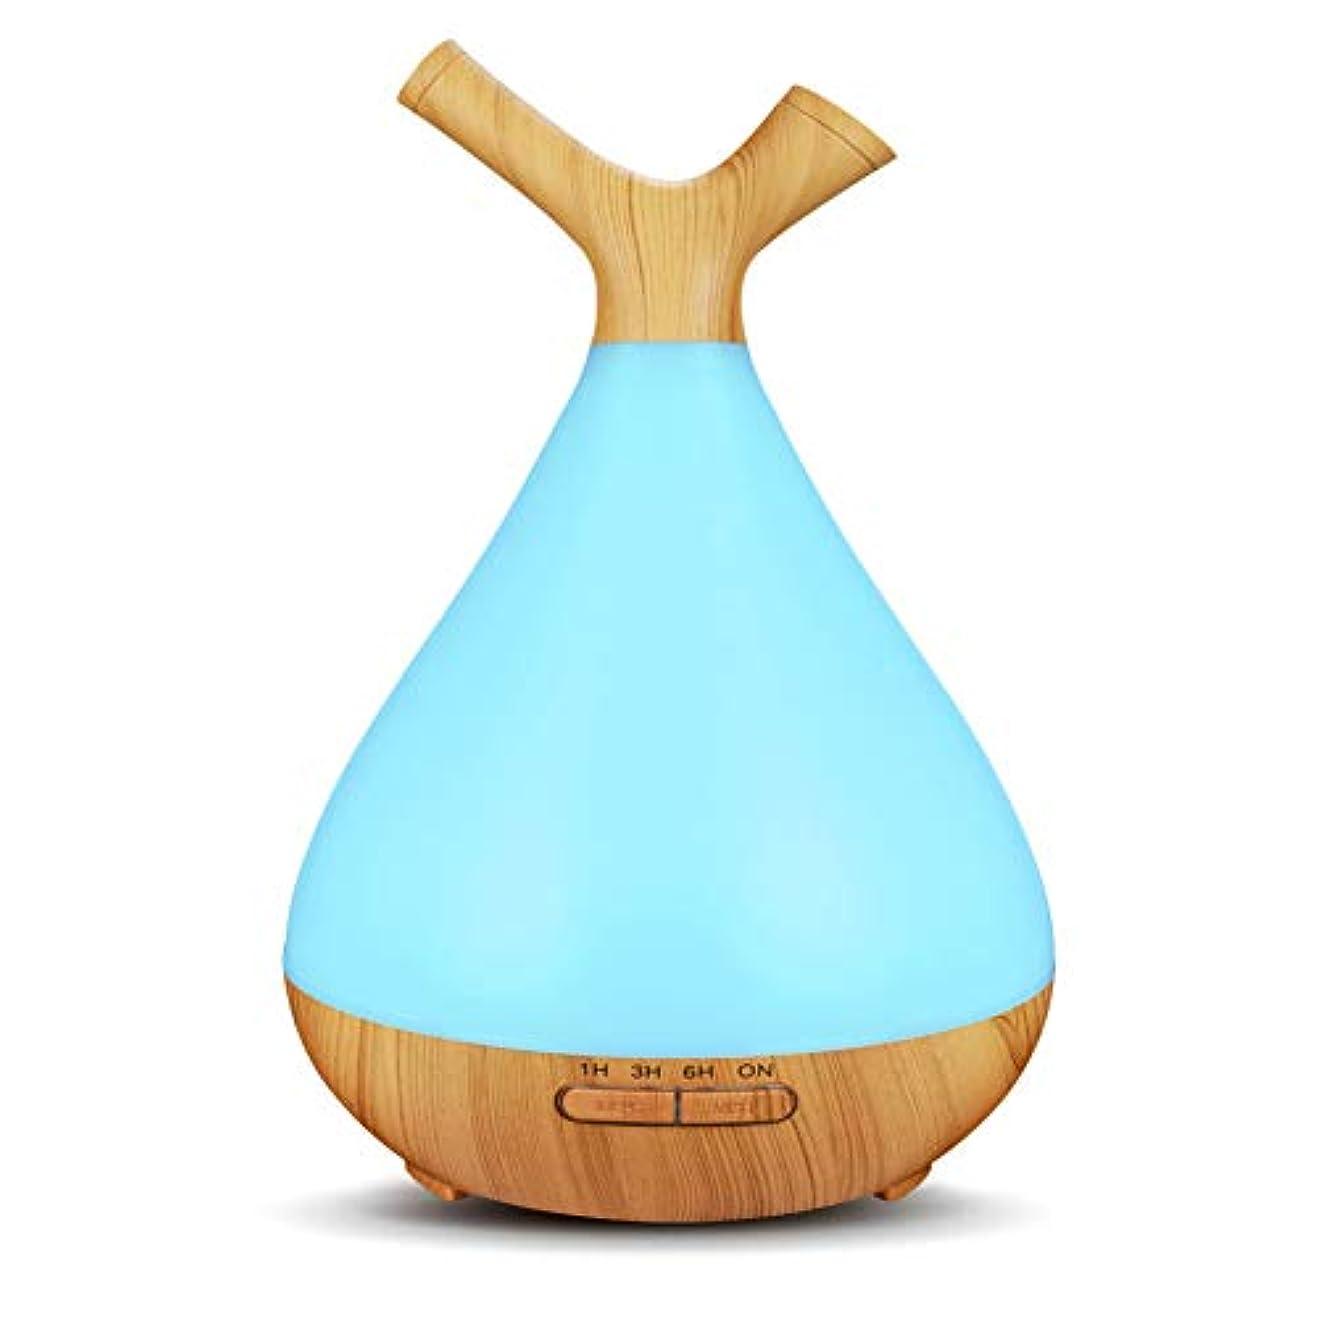 窒息させるペンフレンド運動する木目 2 ノズル 7 色 加湿器,涼しい霧 時間 加湿機 調整可能 香り 精油 ディフューザー 空気を浄化 オフィス ベッド- 400ml